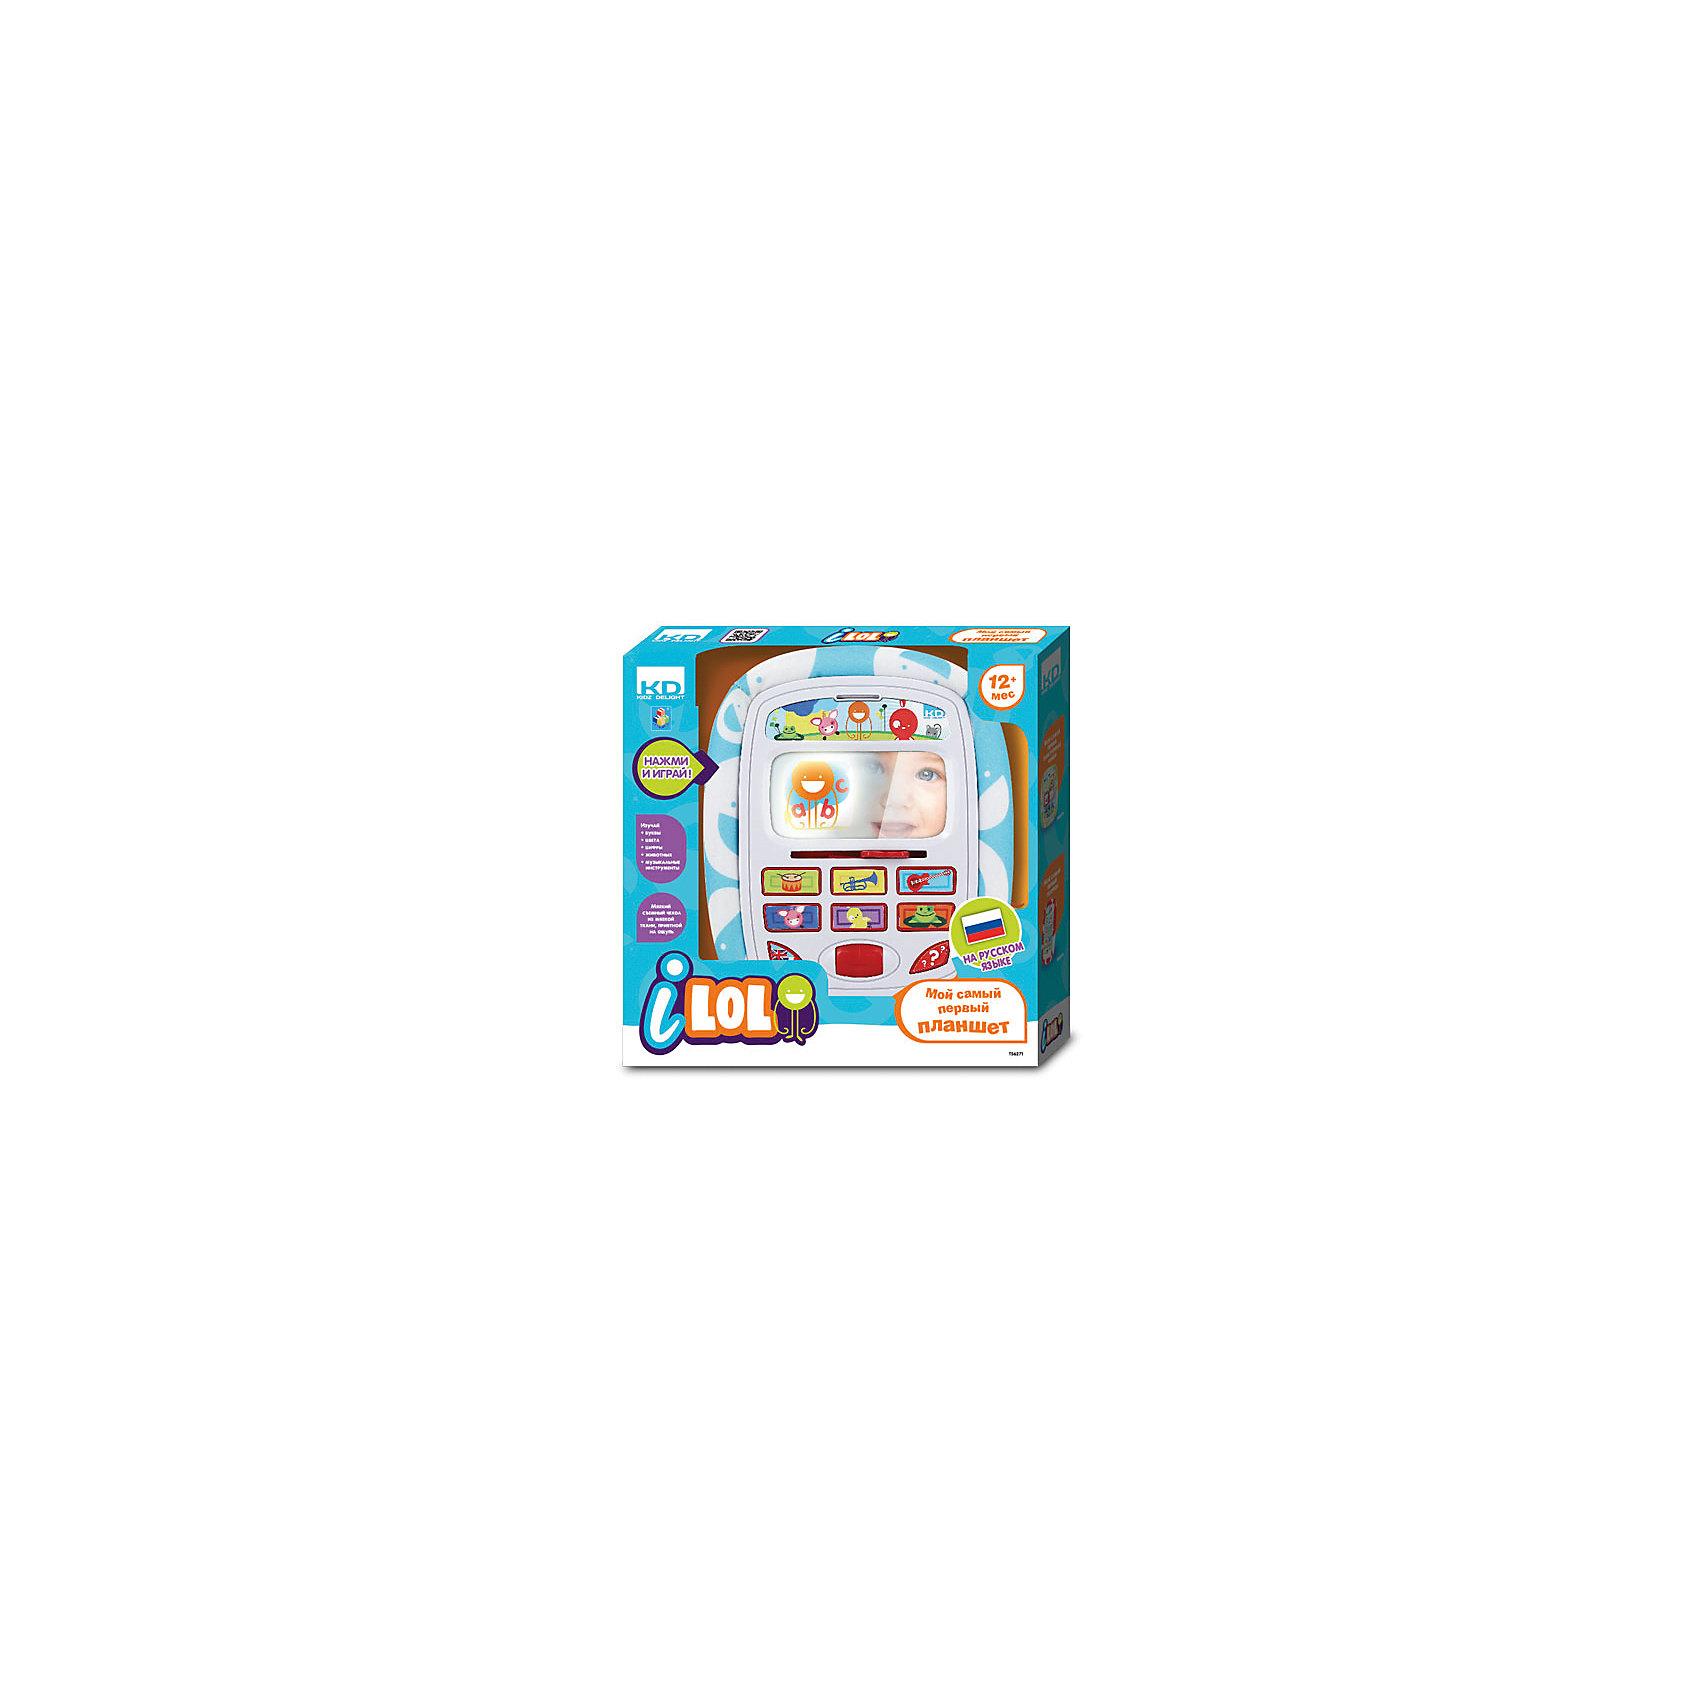 - Мини-планшет Kidz Delight для малышей, 1Toy планшет в саяногорске